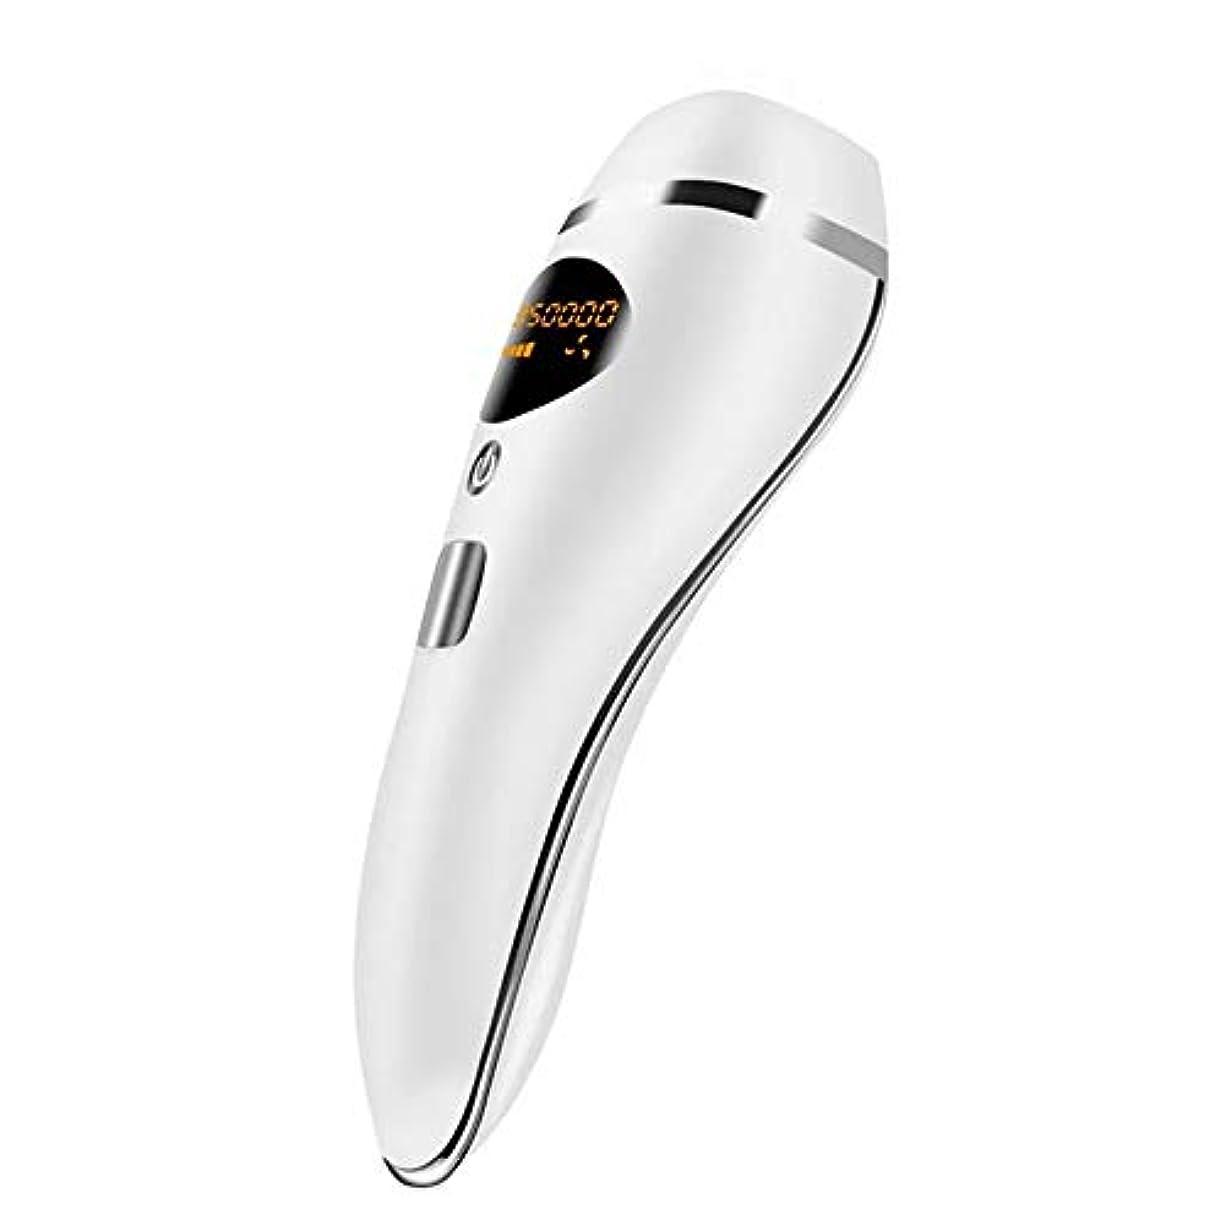 健康的ドラゴンインレイIPL脱毛システムライト脱毛器、600000回の点滅美容デバイスは、長期的な毛の成長を軽減します-5つの強度レベル,白